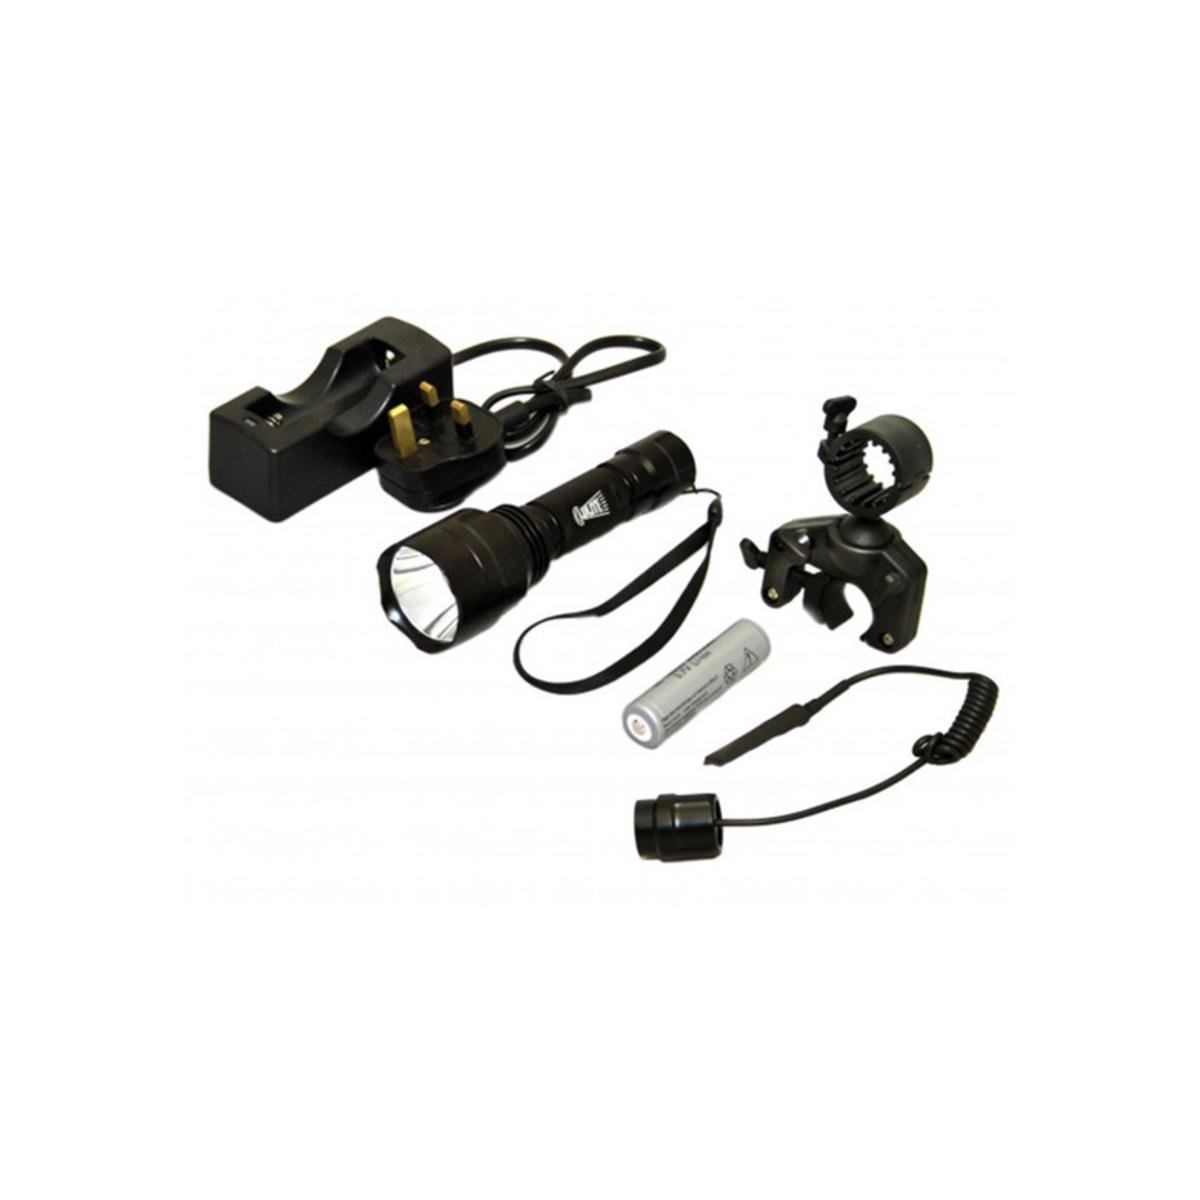 Clulite Pro Scanner 1000 Lumen LED Geschützlicht Wiederaufladbar